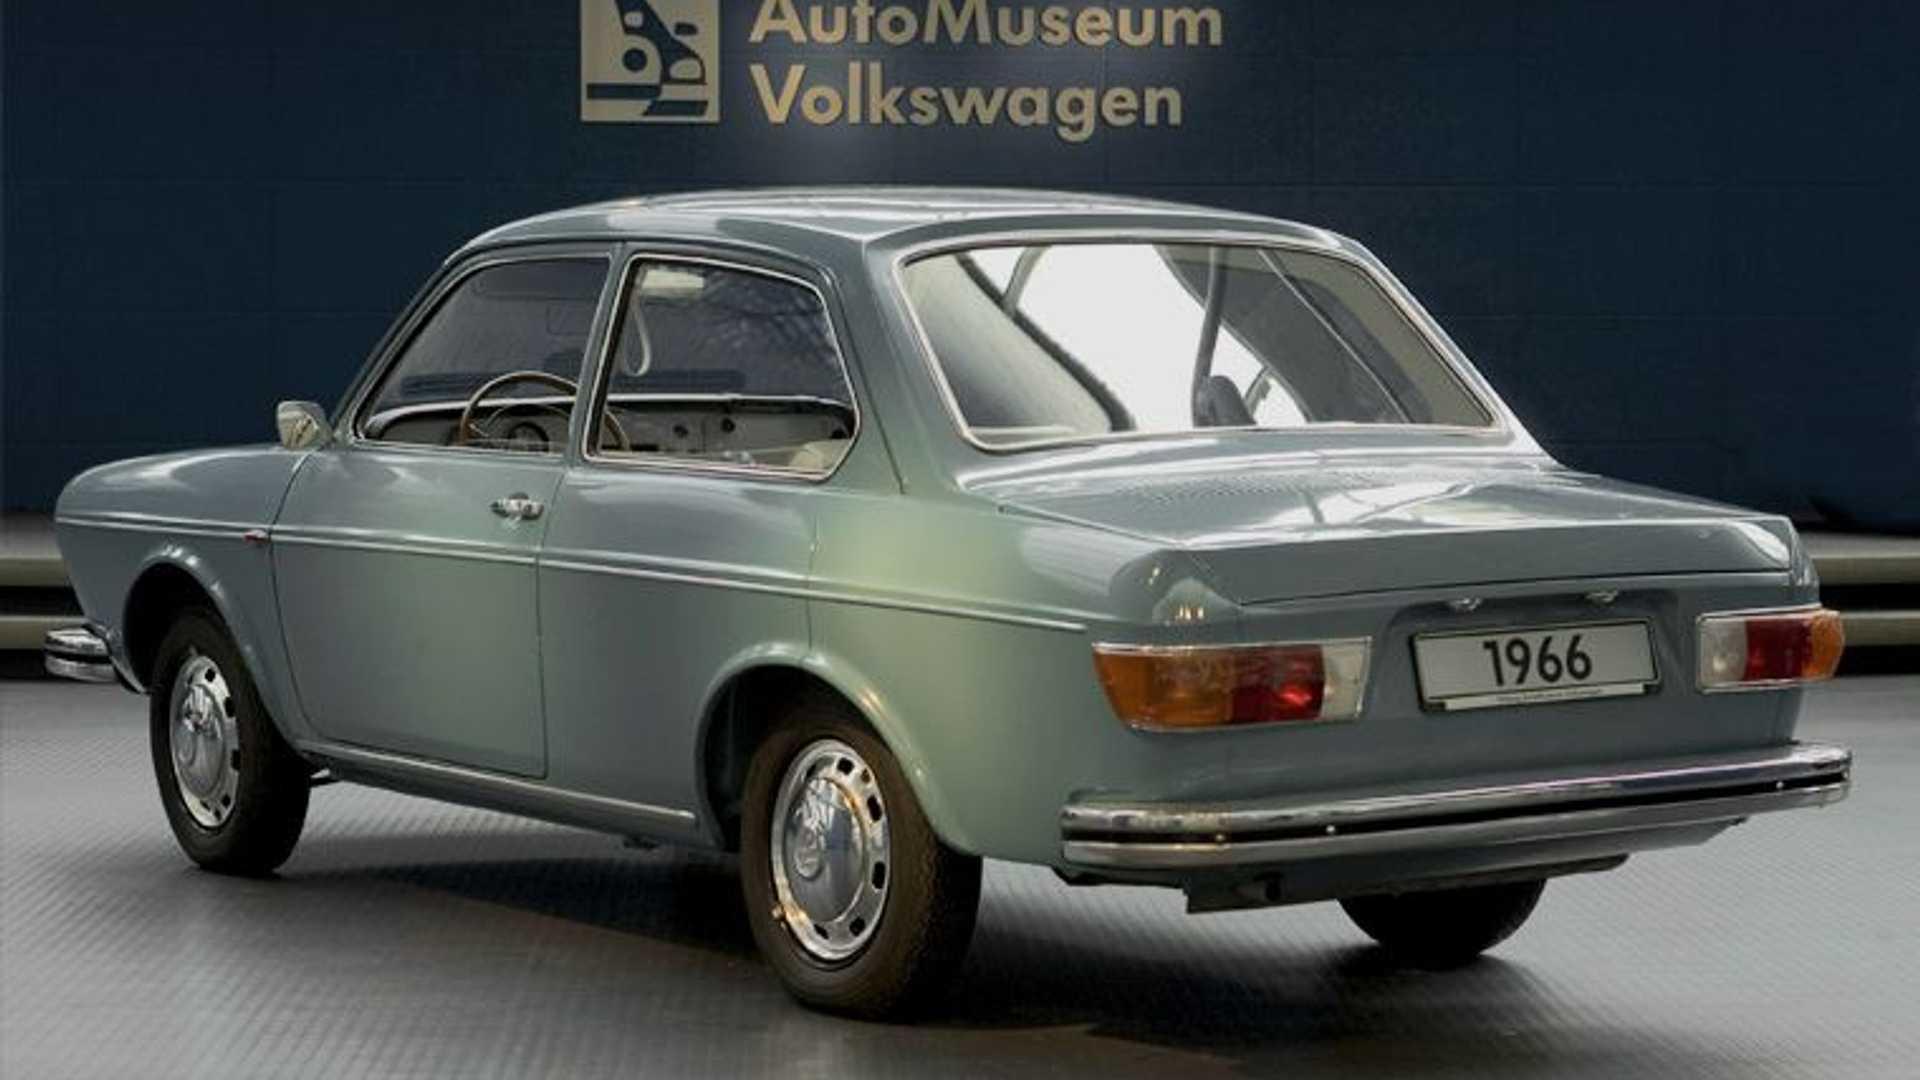 vw-beetle-replacement-prototype-1966-ea142